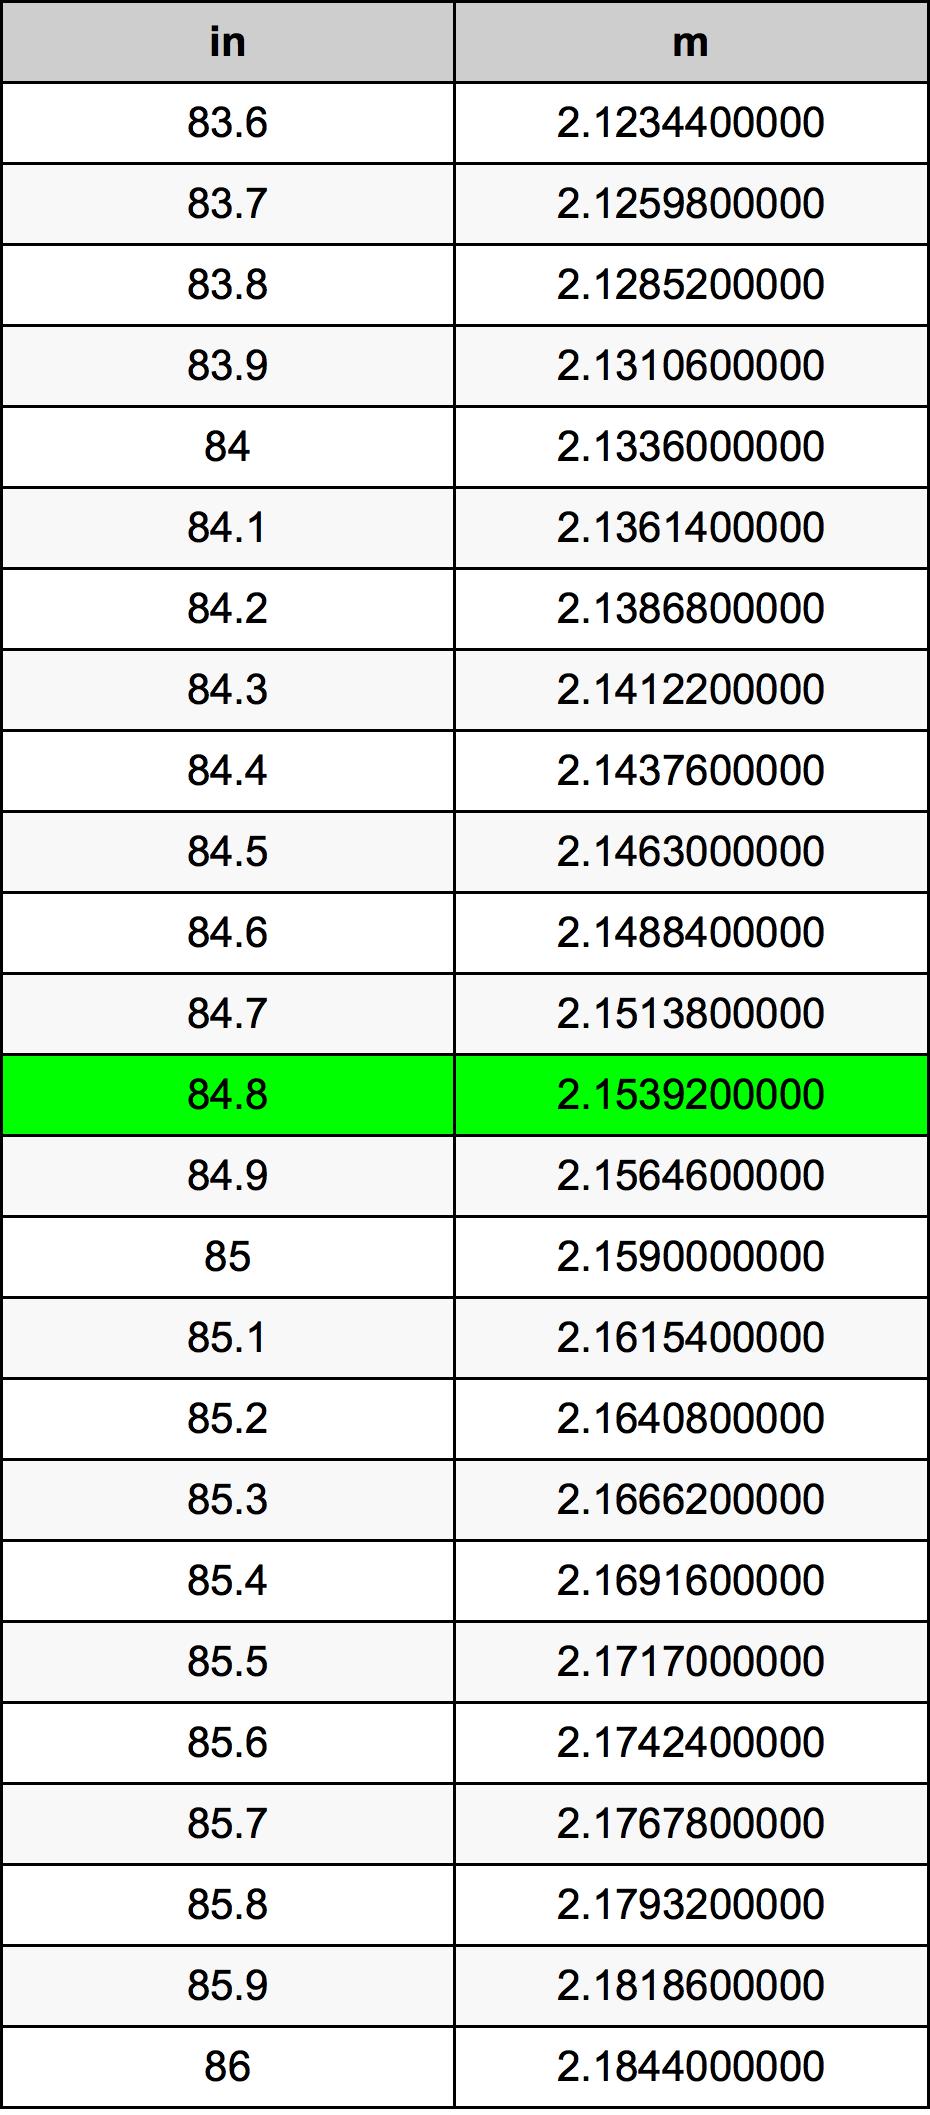 84.8 ίντσα Πίνακας Μετατροπής